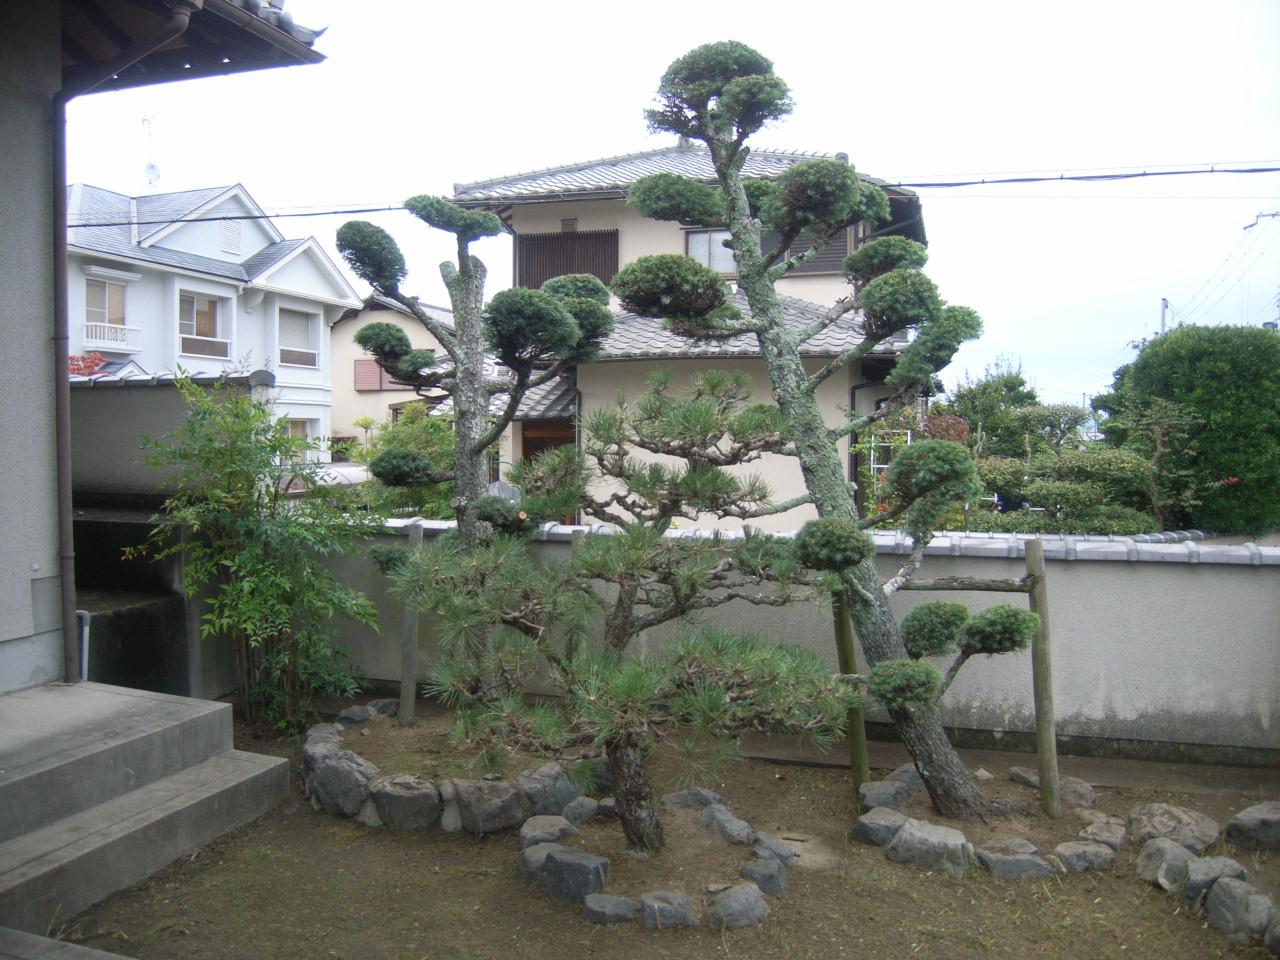 剪定 愛そう日本庭園 AFTER